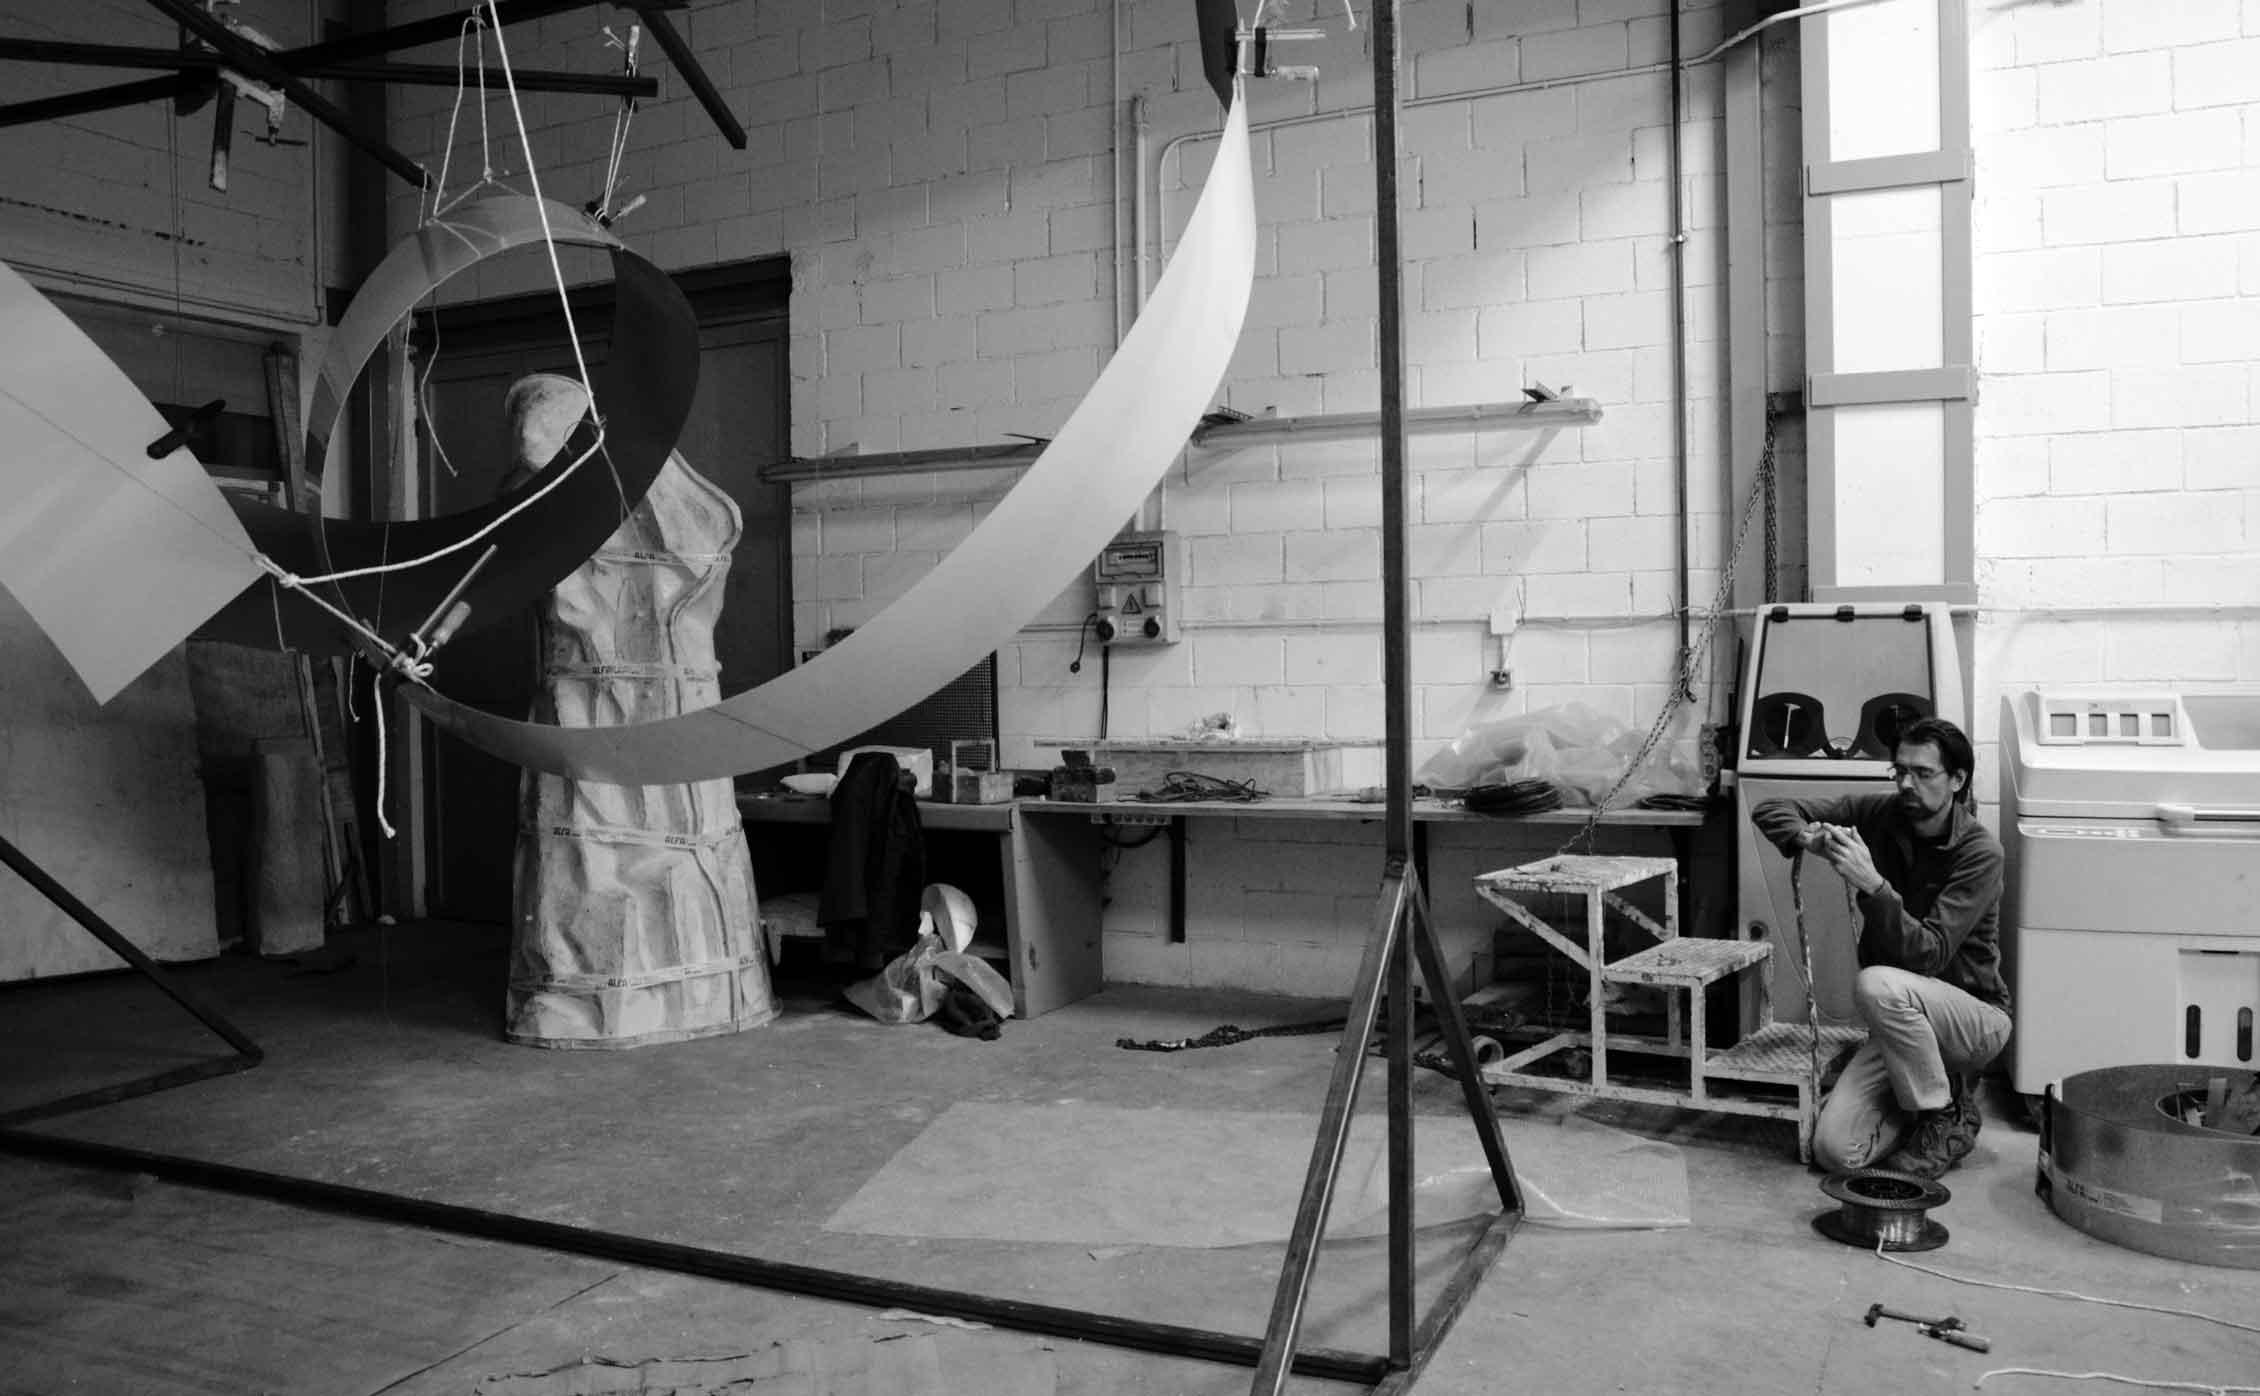 Daniel Canogar at Alfa Arte. Preparation of the work CROSS ROAD DKV